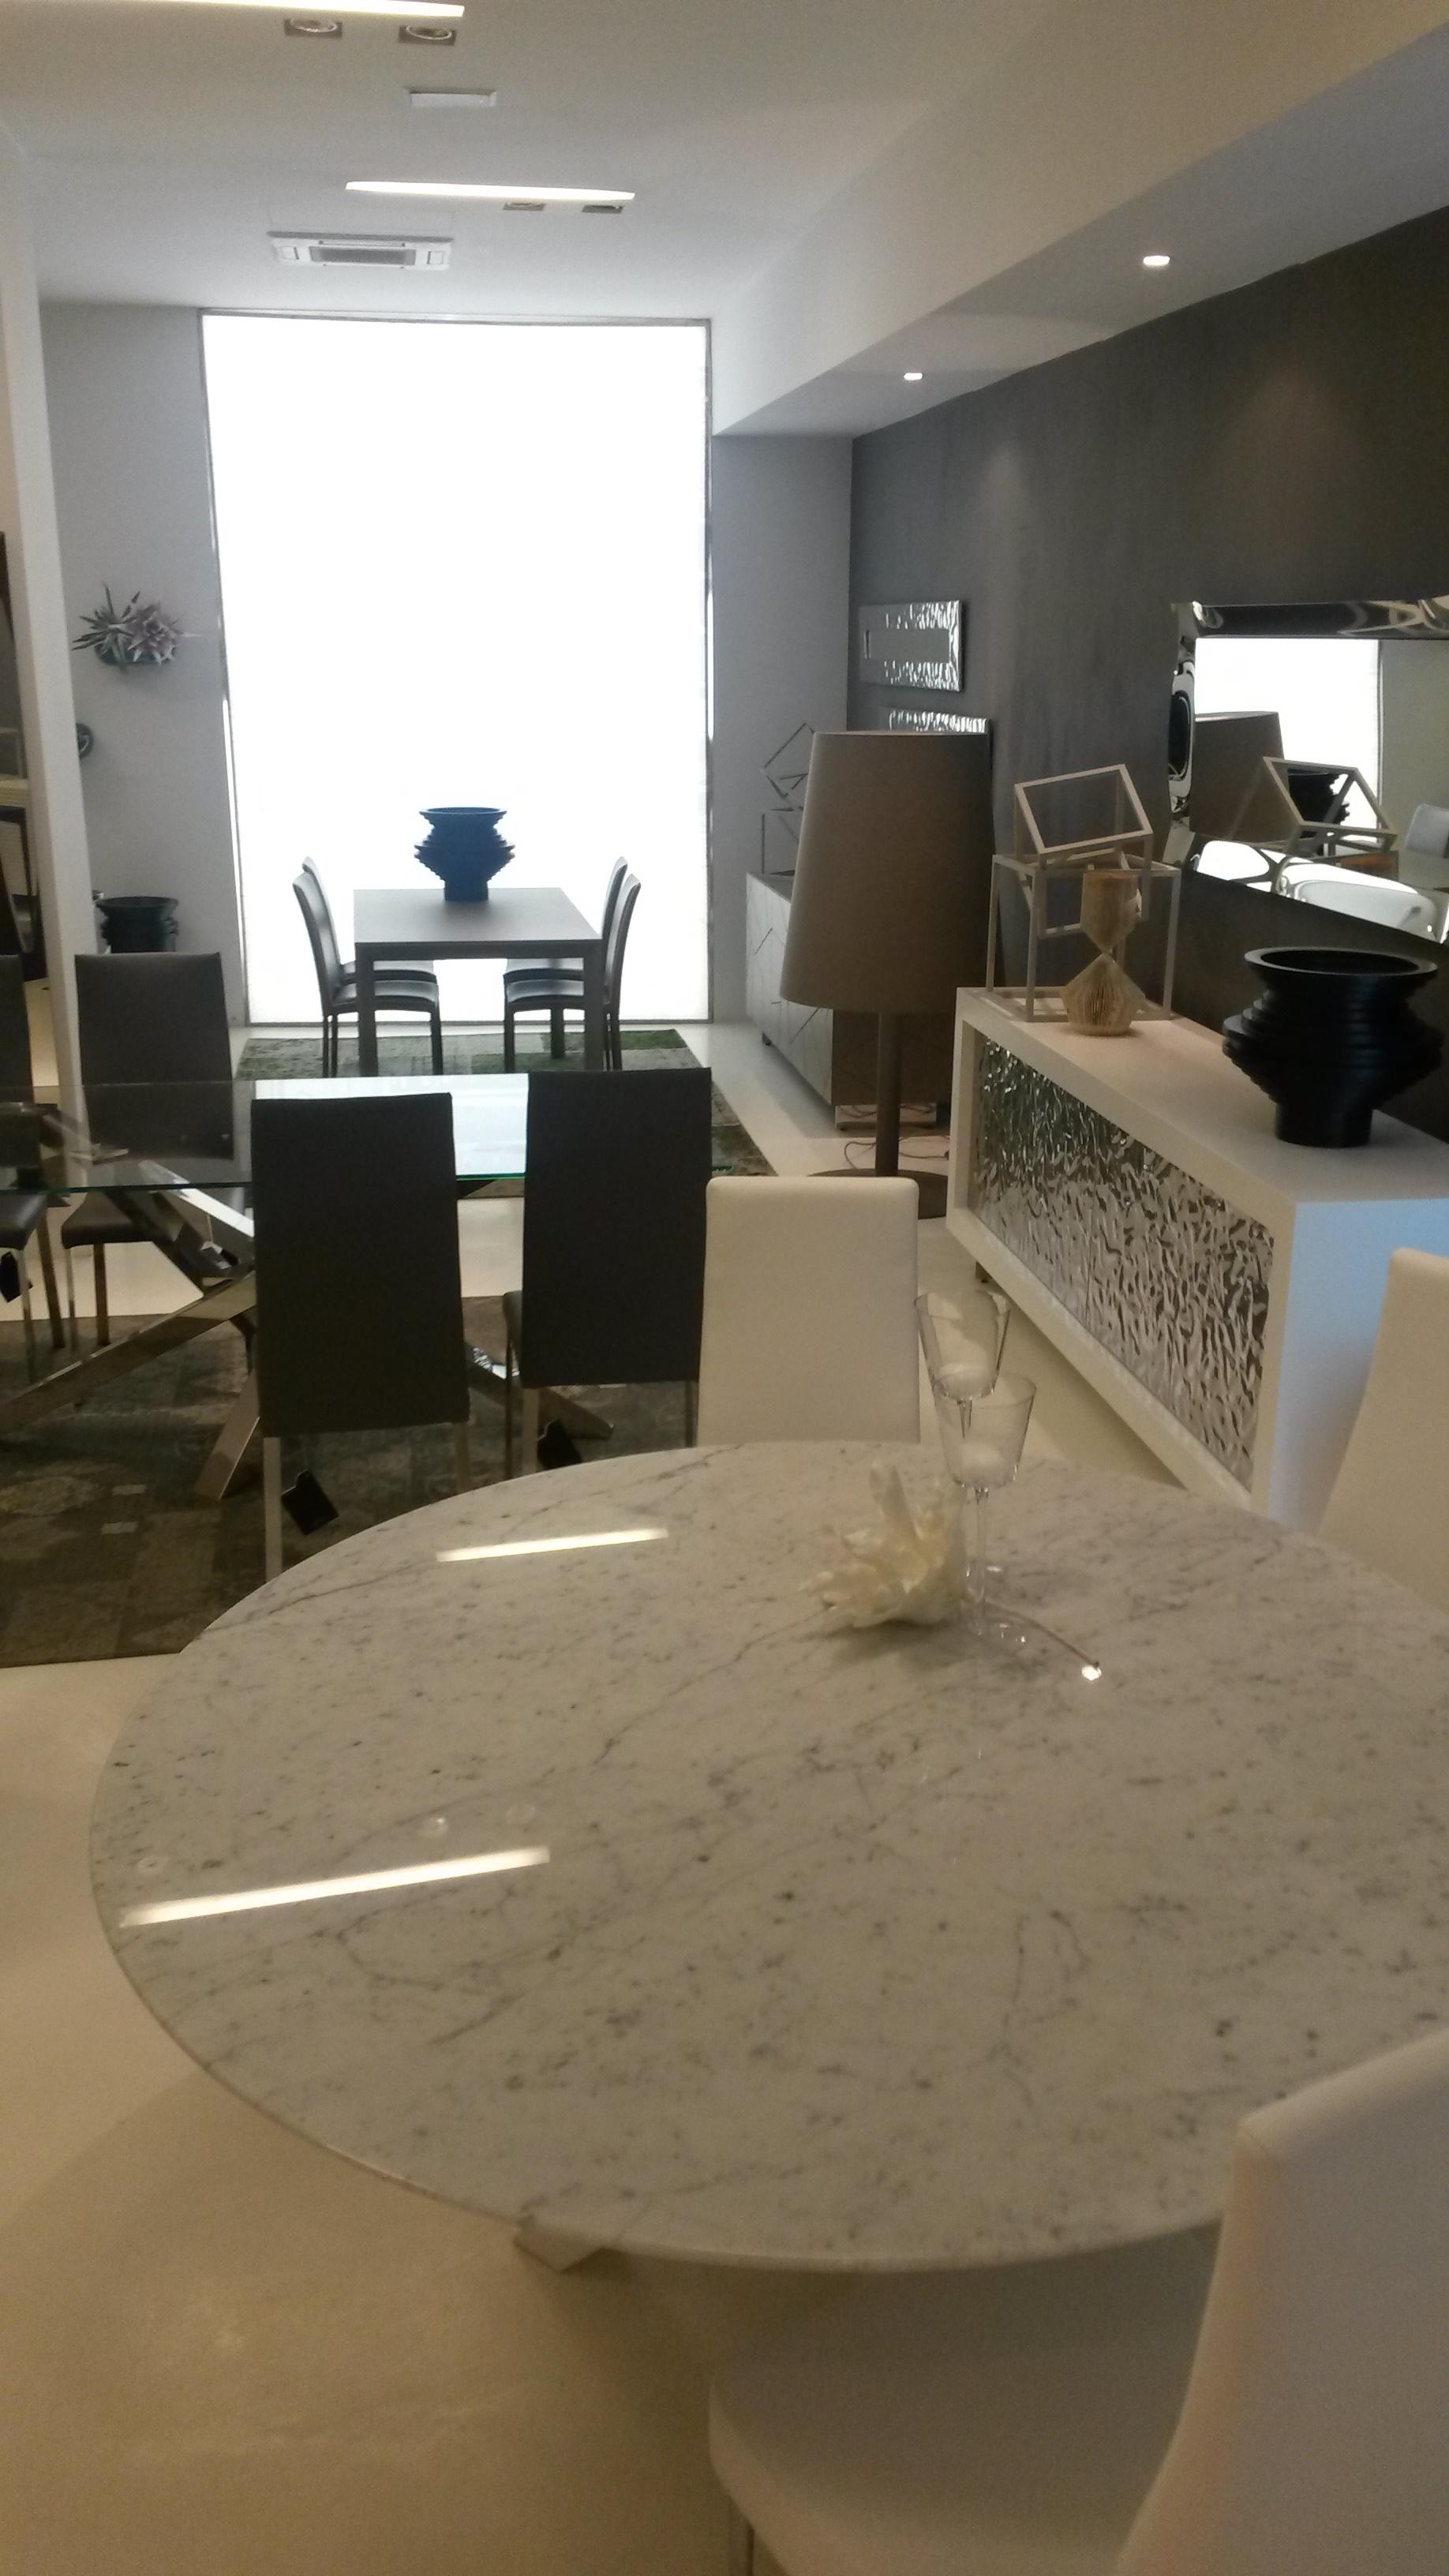 Tavolo e sedie da anninare a cucina ciliegio for Tavolo consolle riflessi